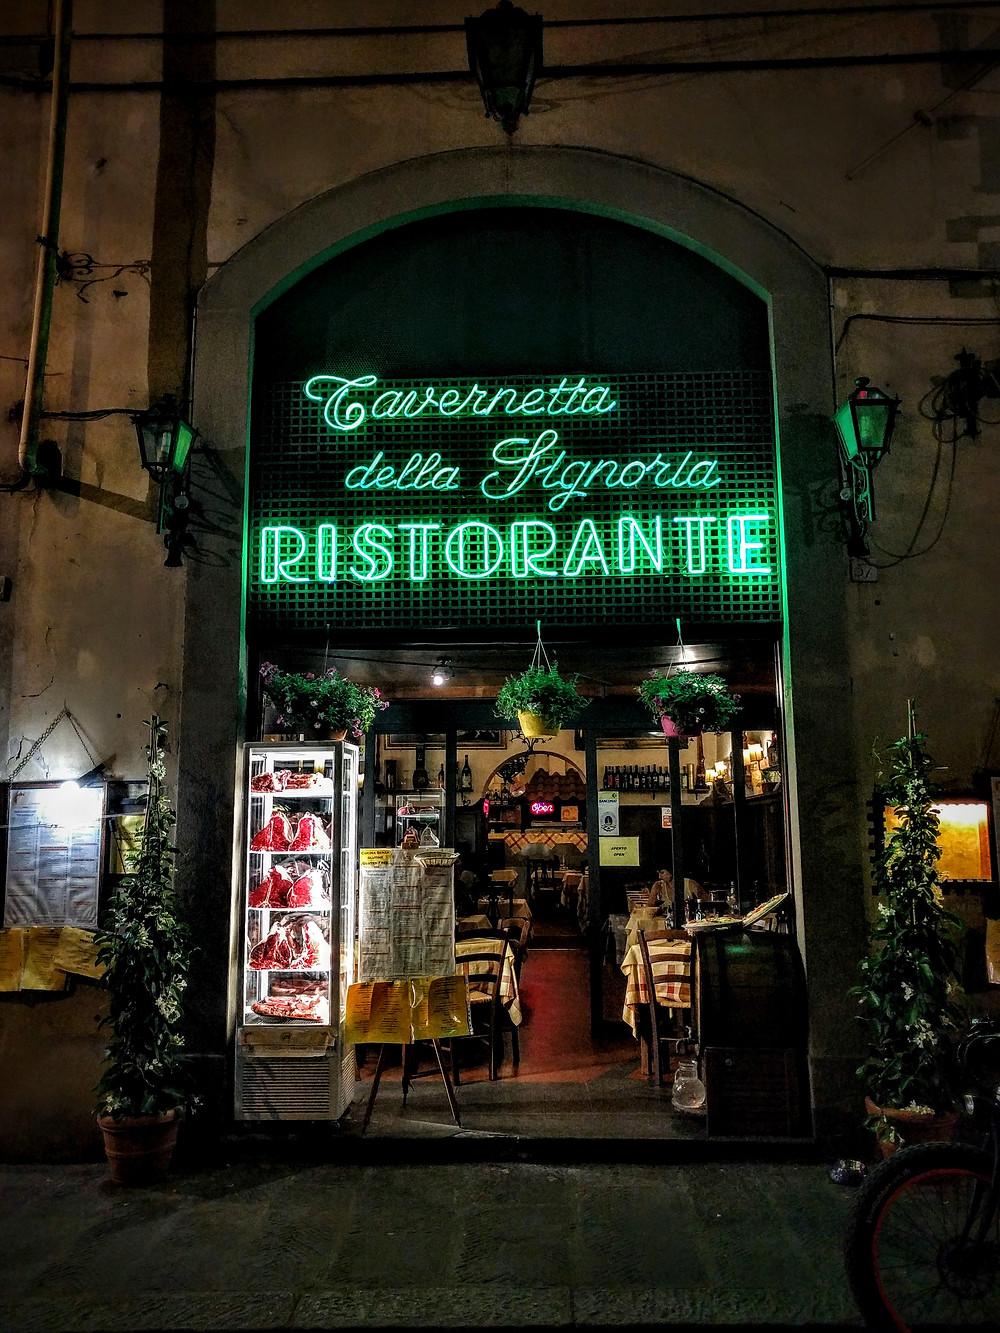 Tavernetta della Signoria Ristorante (Florence Italy)